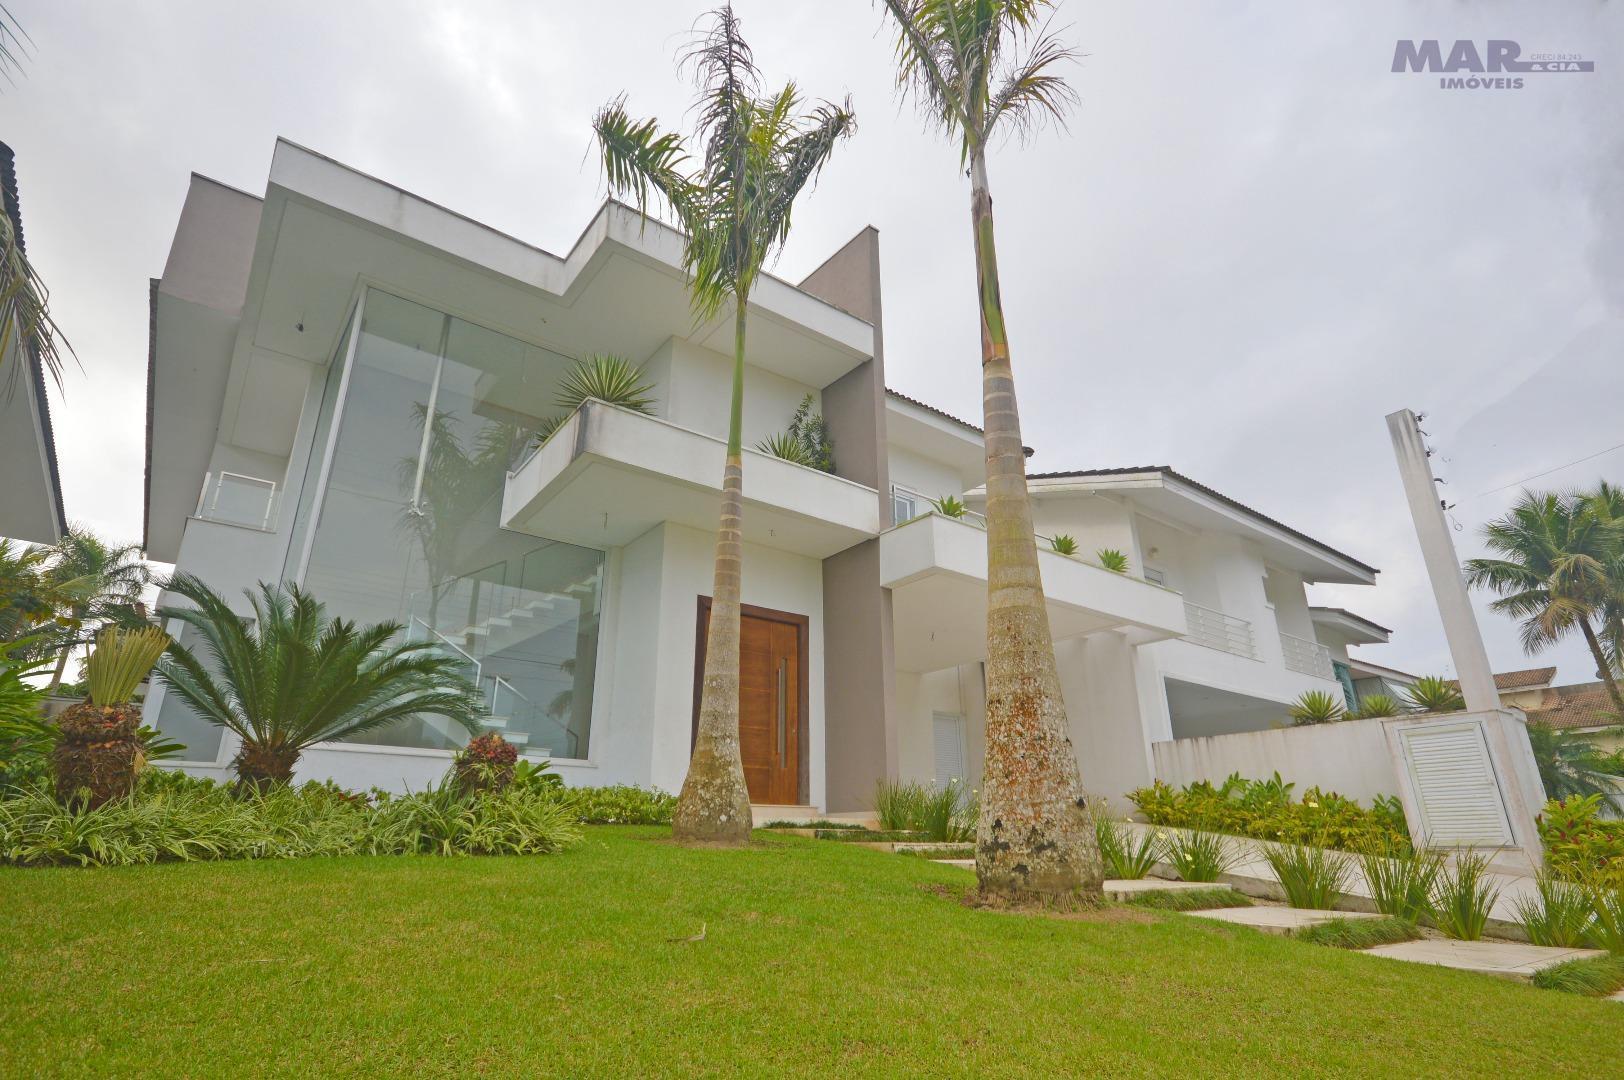 Casa em Condominio Acapulco Guarujá - Nova - Frente Praça - 5 Suítes